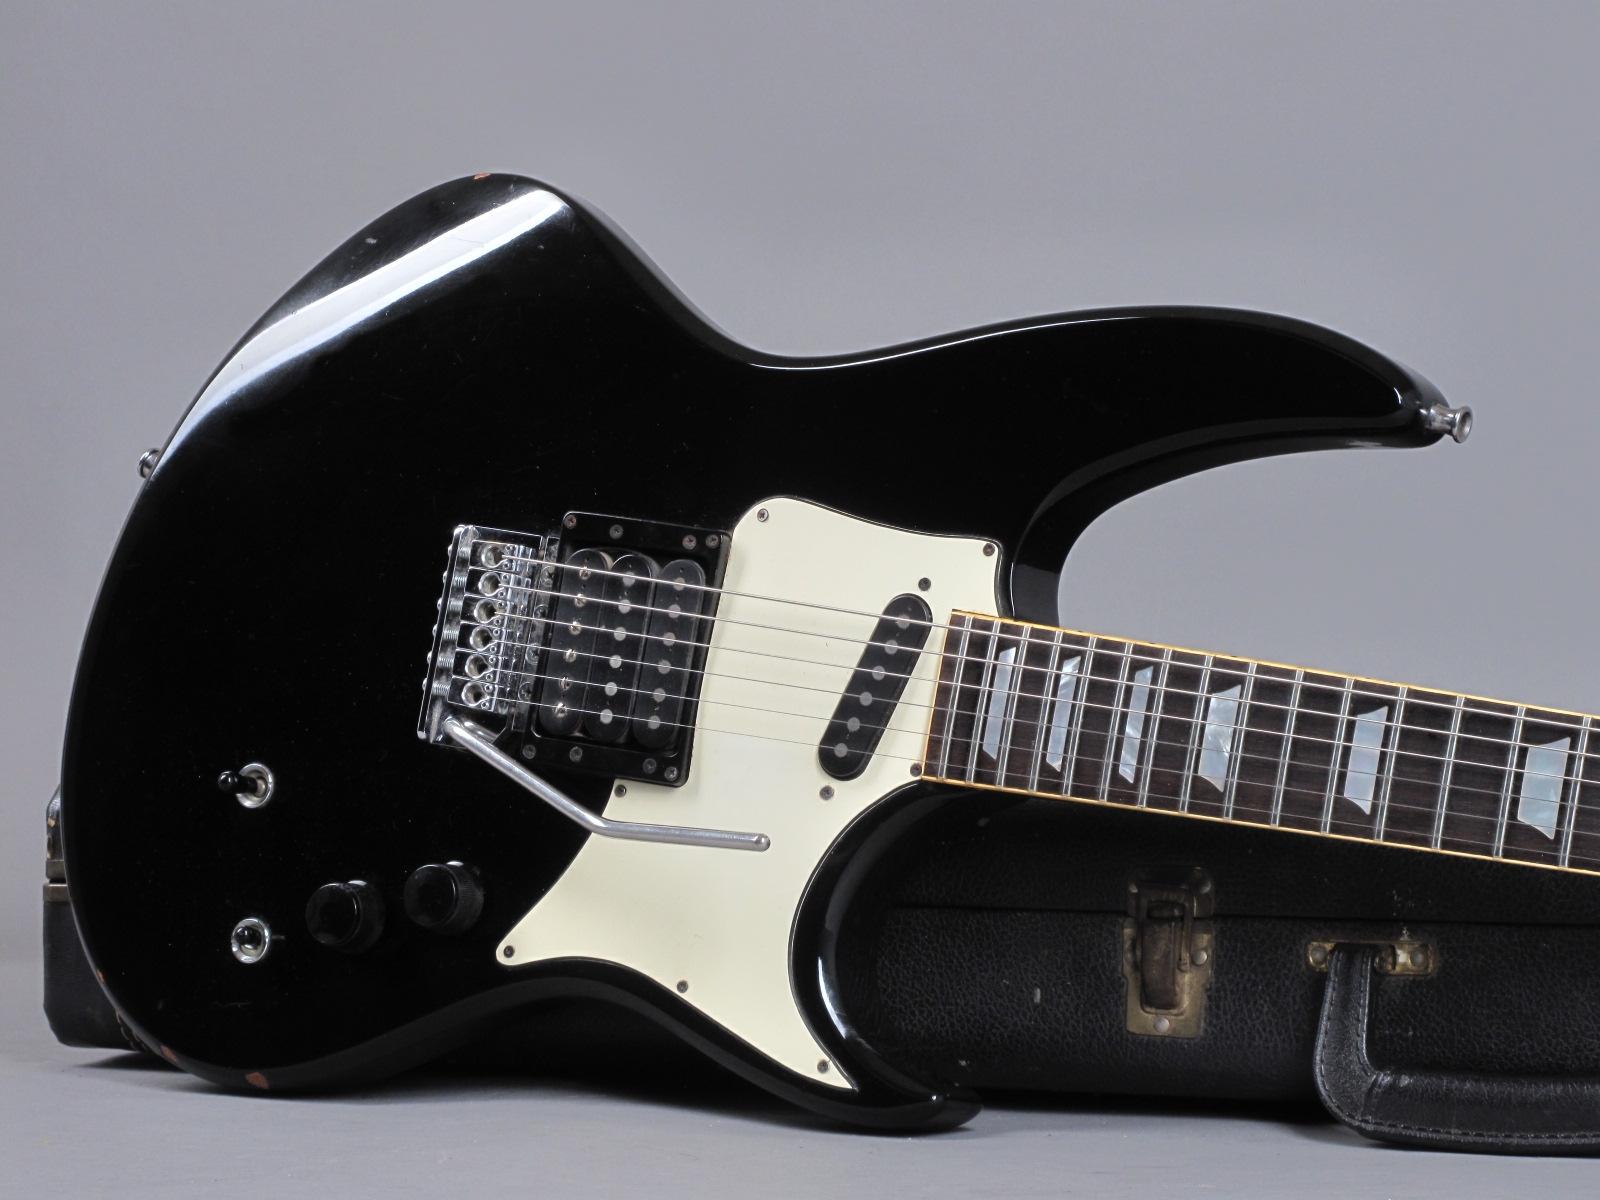 https://guitarpoint.de/app/uploads/products/1983-hamer-phantom-custom/1983-Hamer-Phantom-Black-98517-19.jpg